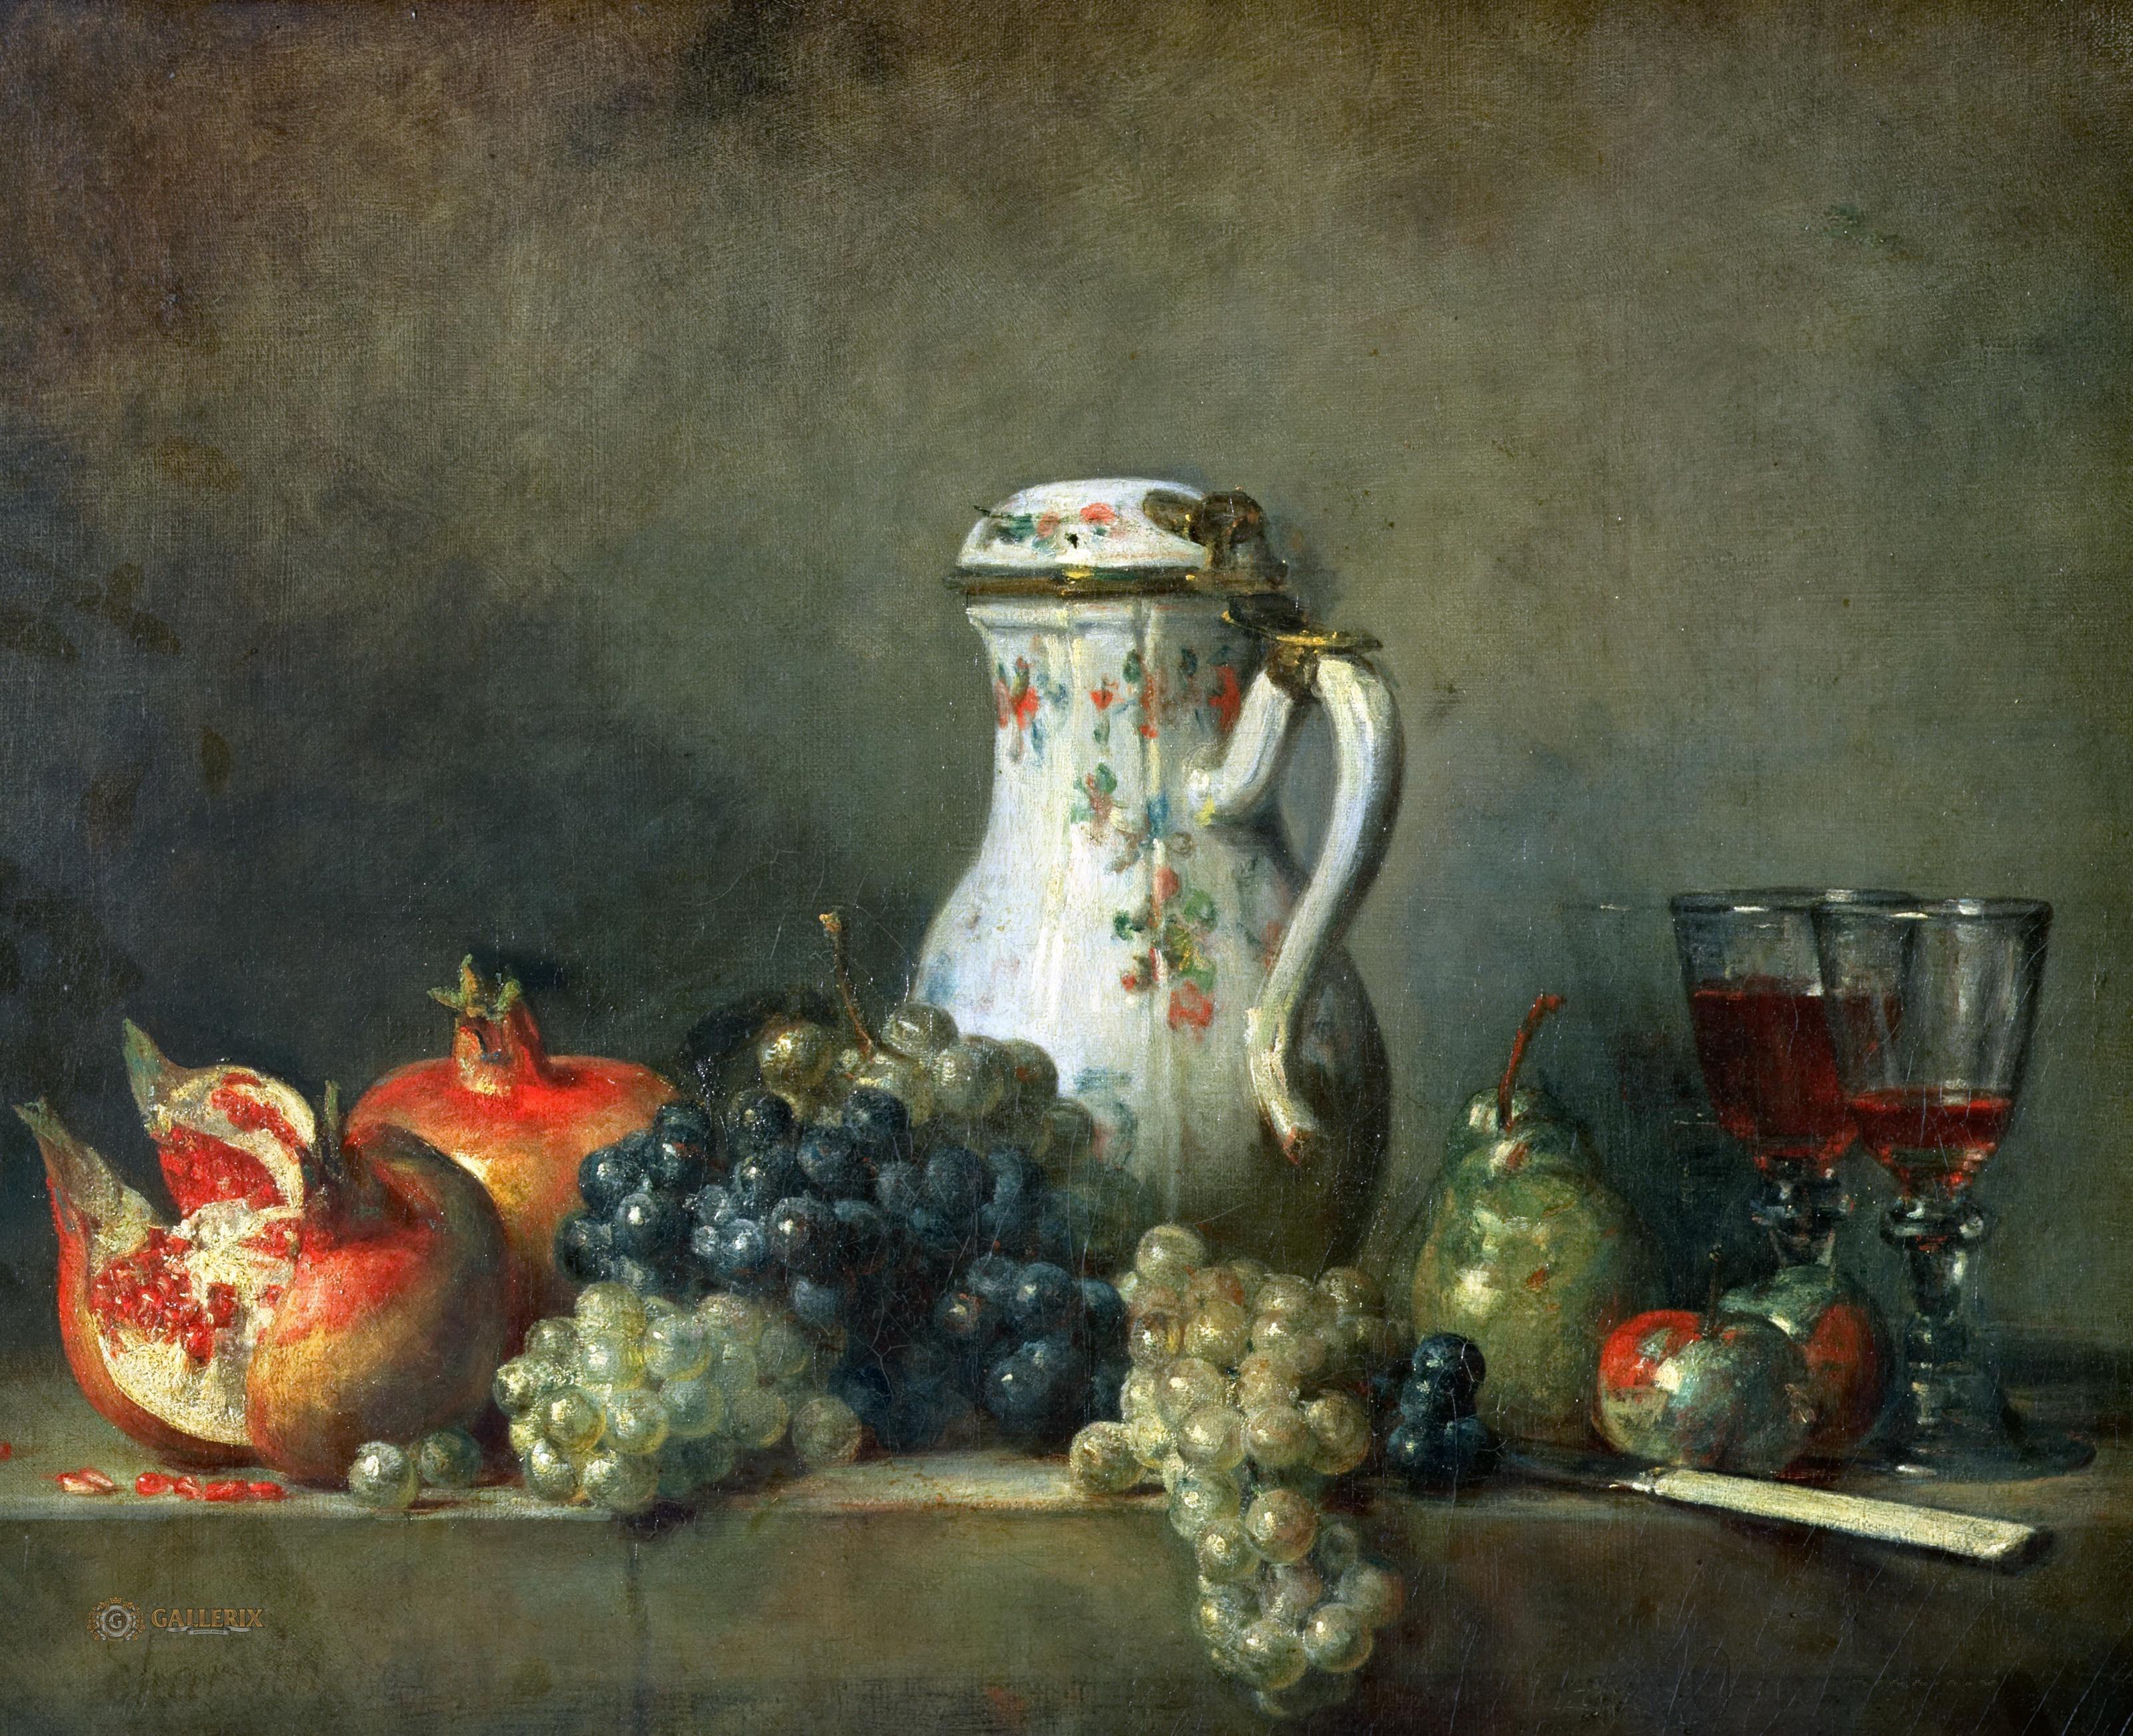 Жан-Батист Симеон Шарден - Натюрморт с виноградом и гранатами